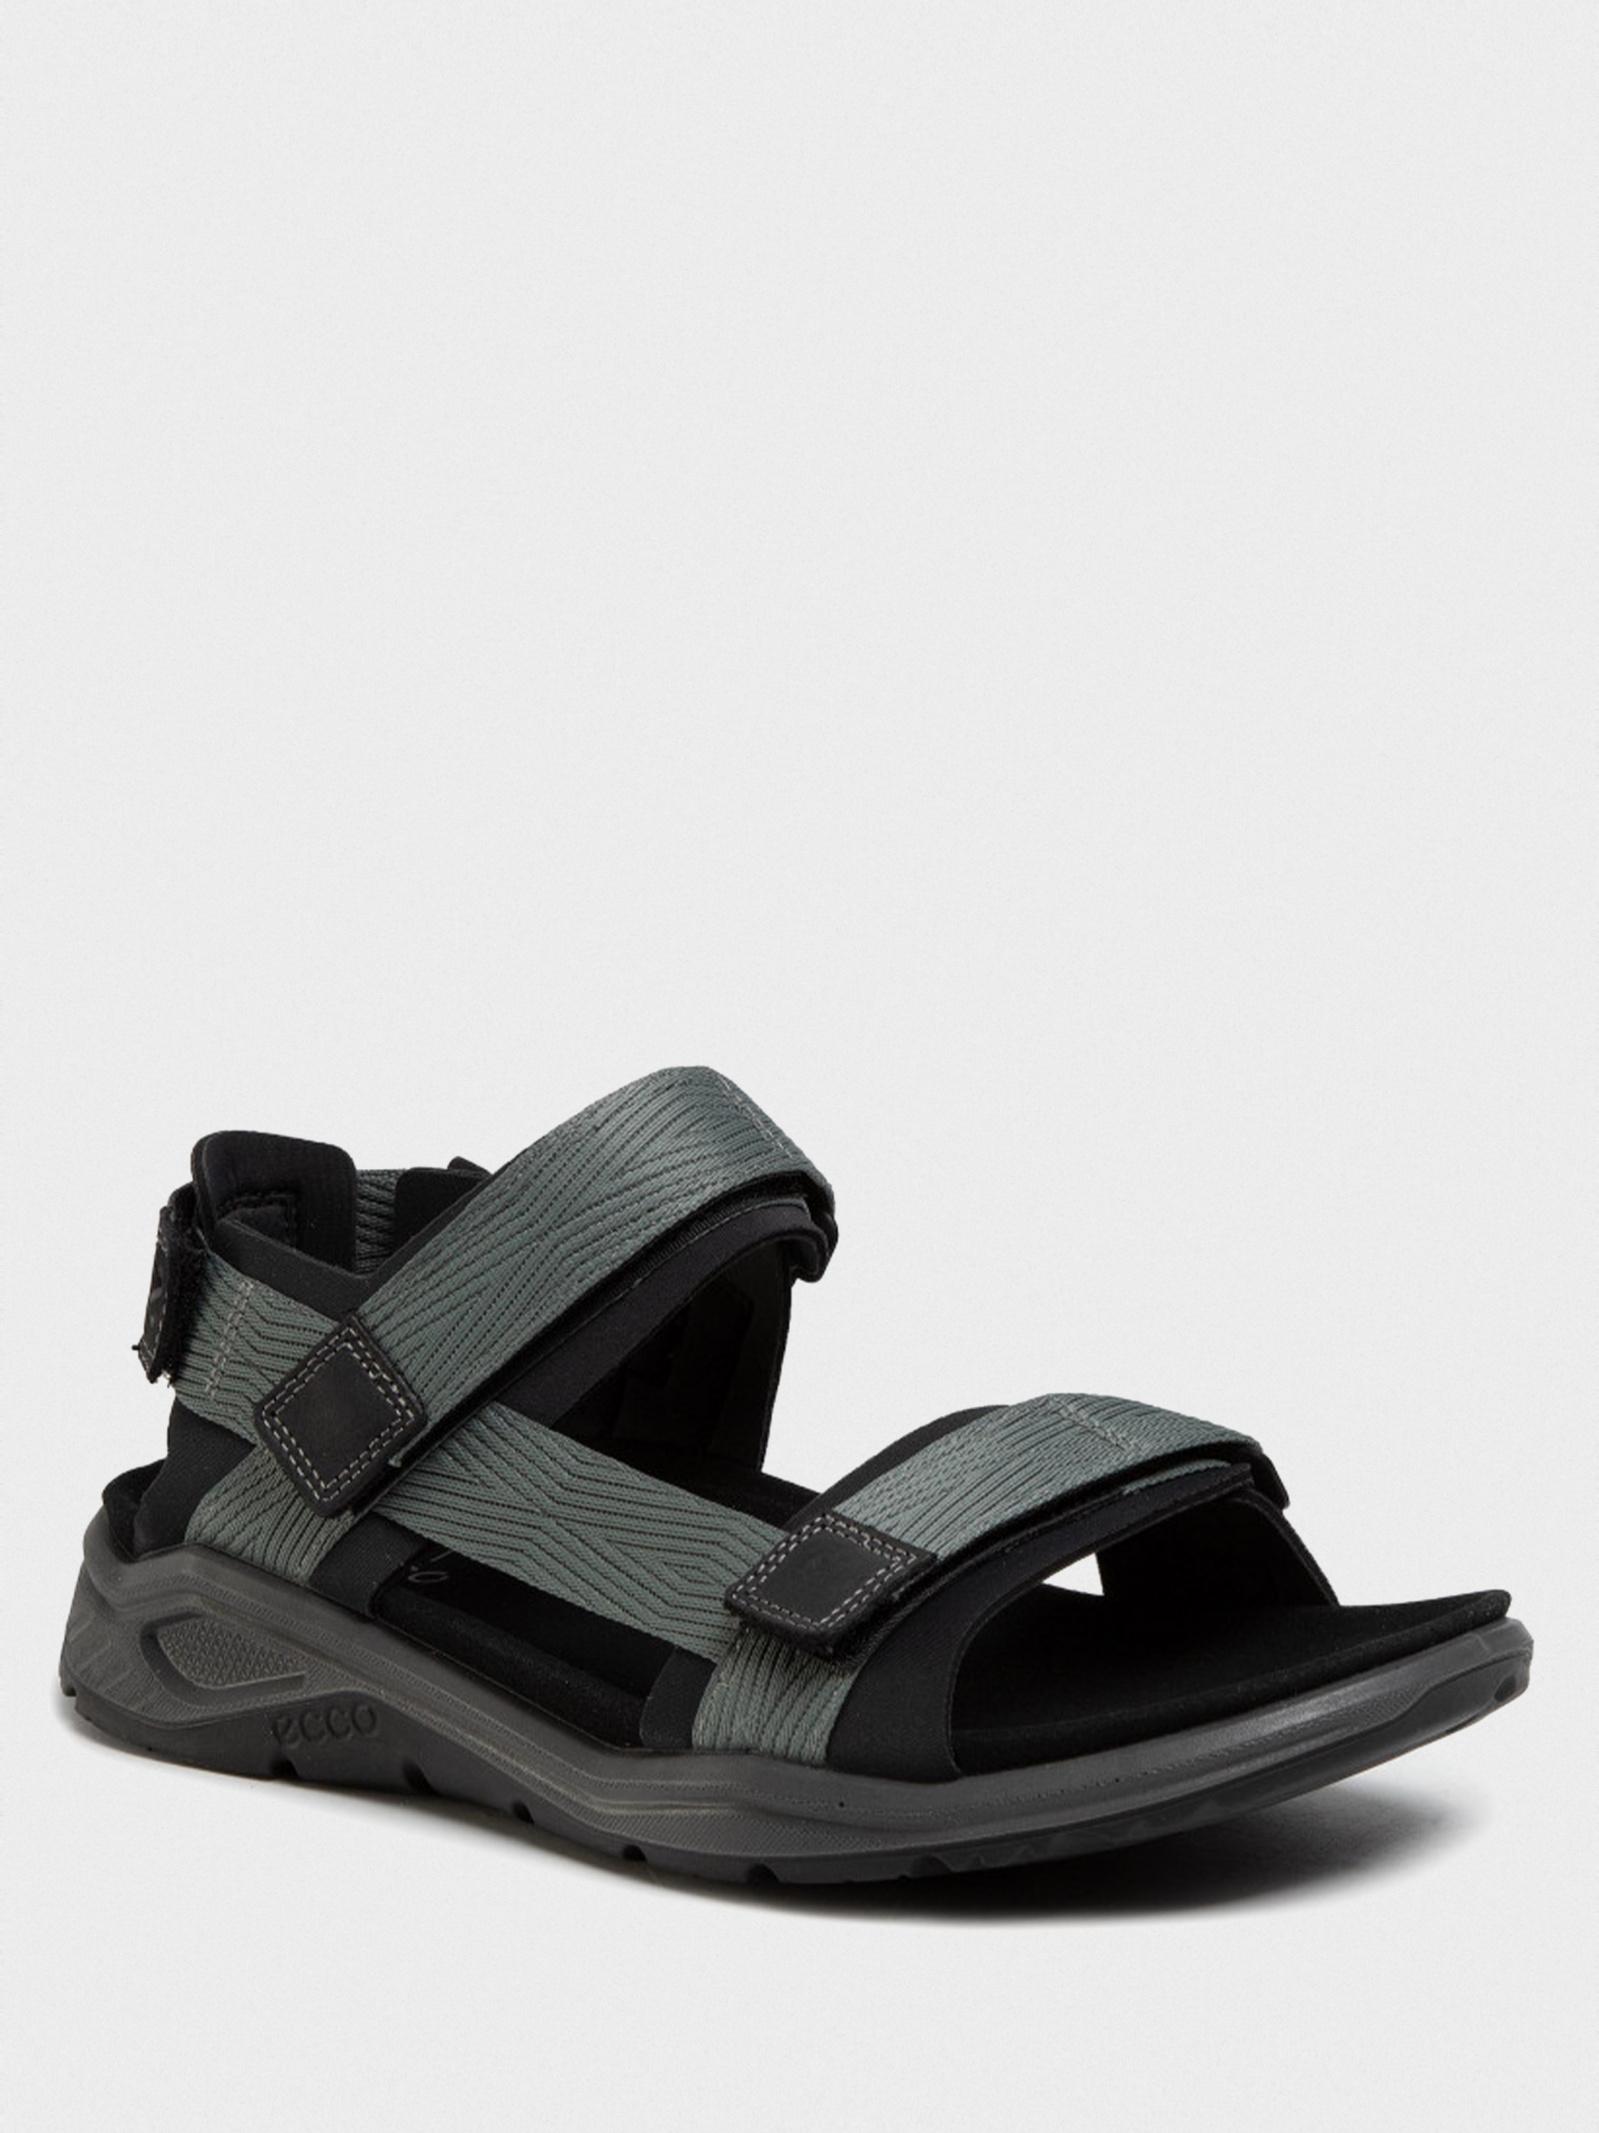 Сандалі  чоловічі ECCO 880624(51771) купити взуття, 2017